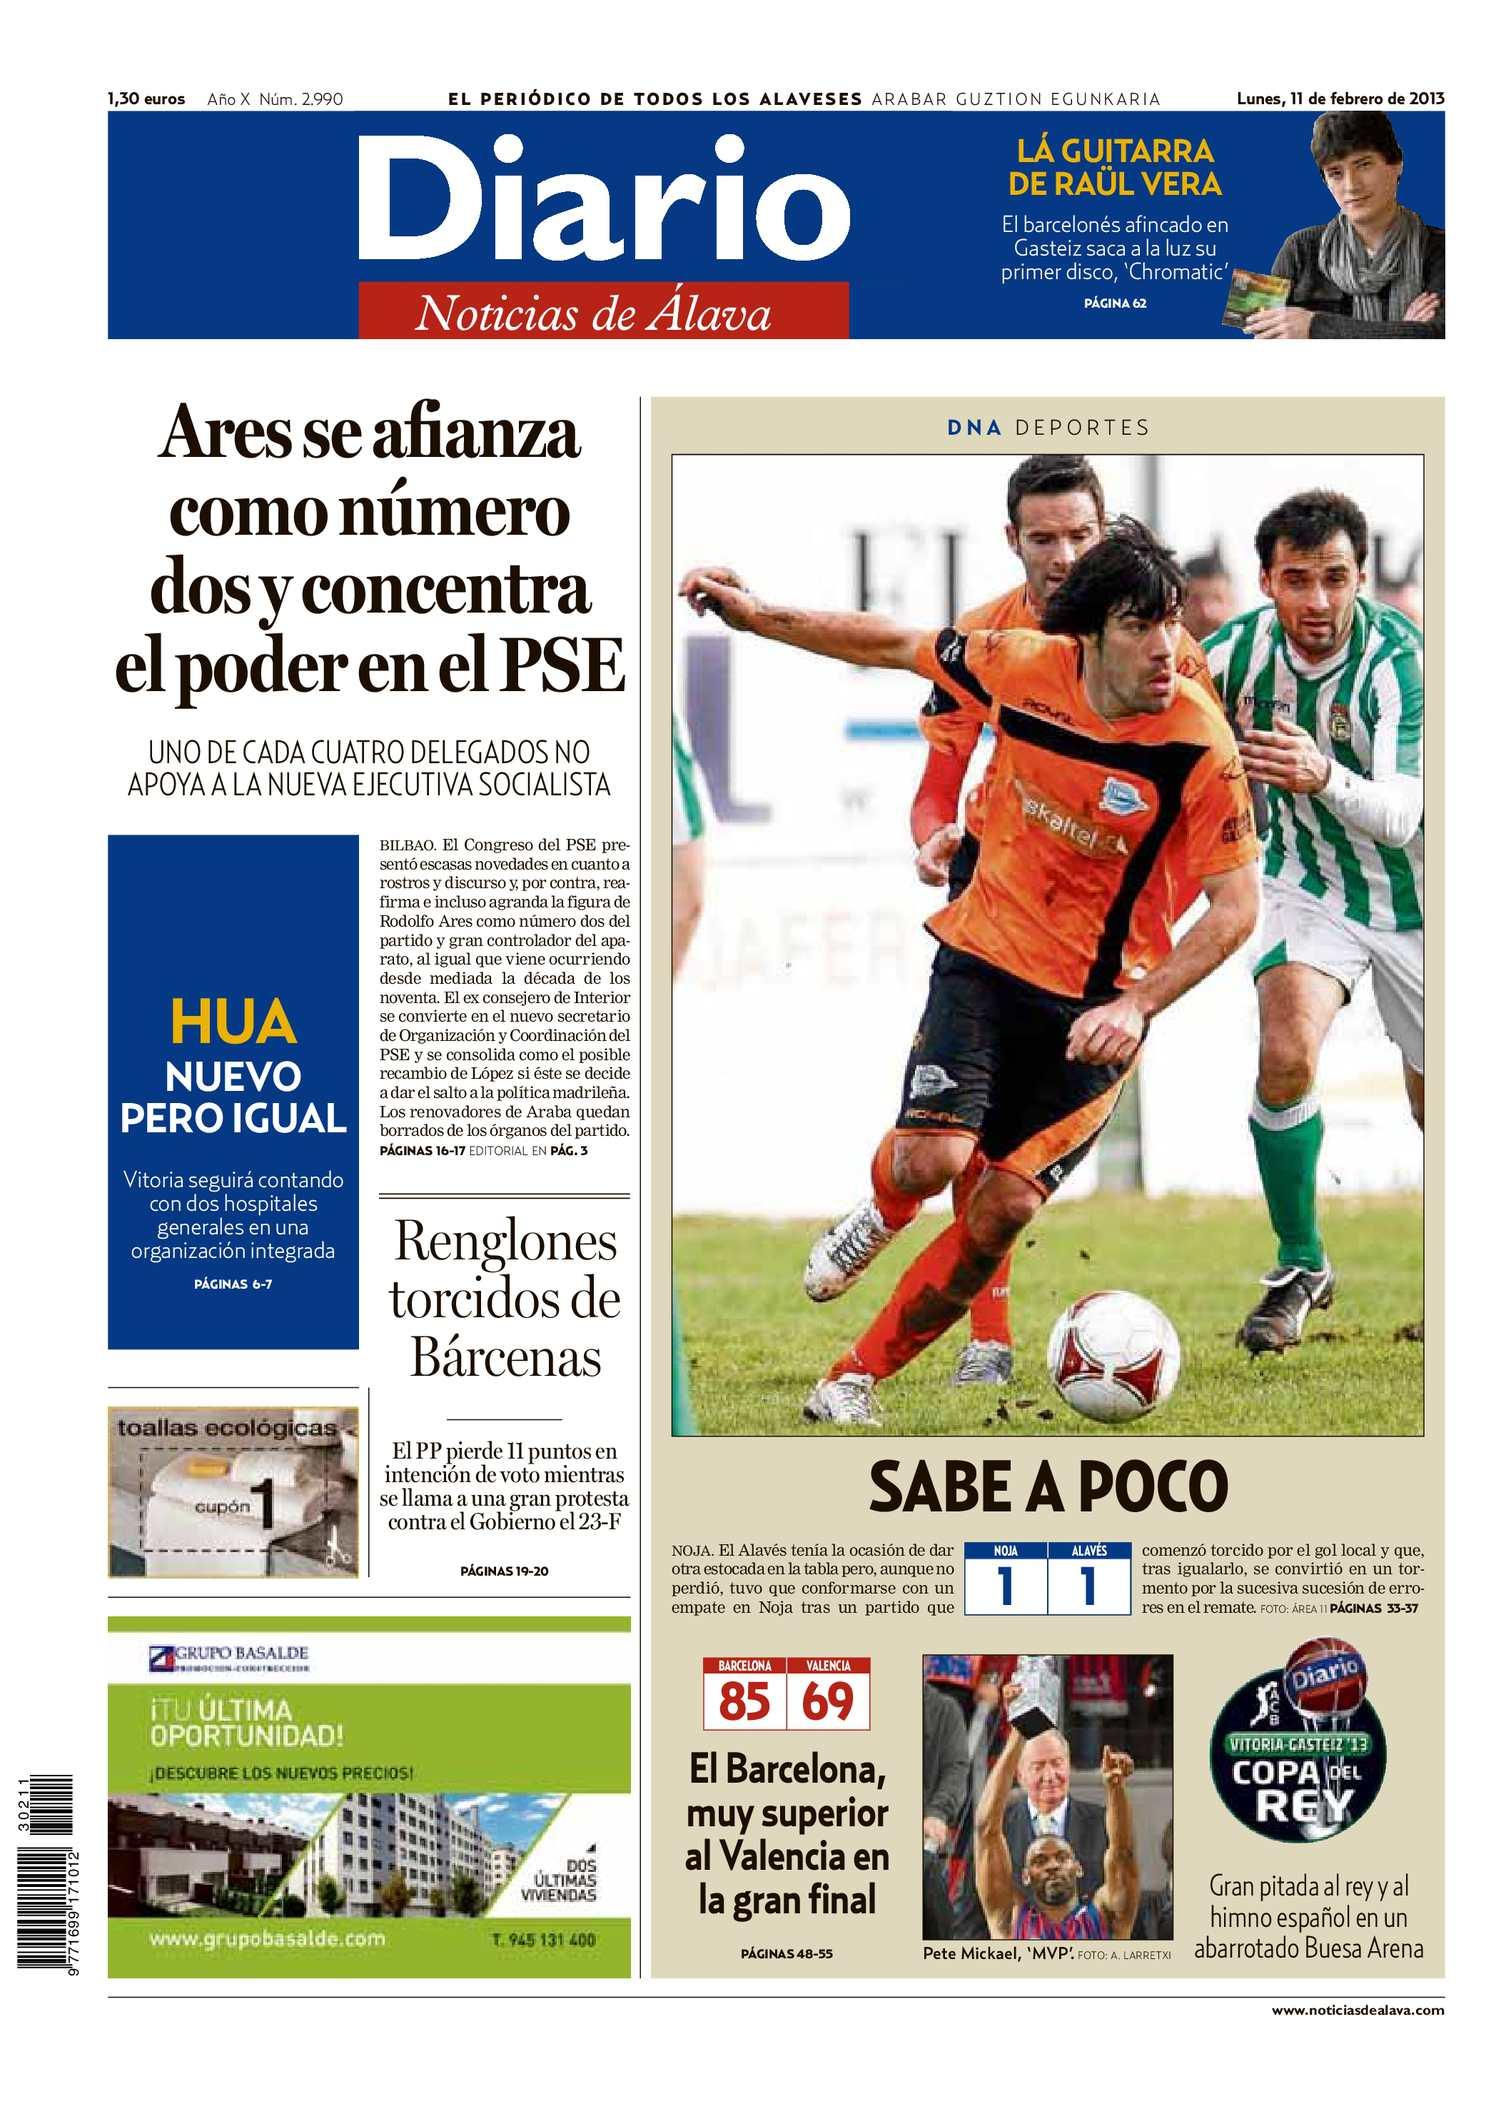 Calaméo - Diario de Noticias de Álava 20130211 fe3b9bf12c04c